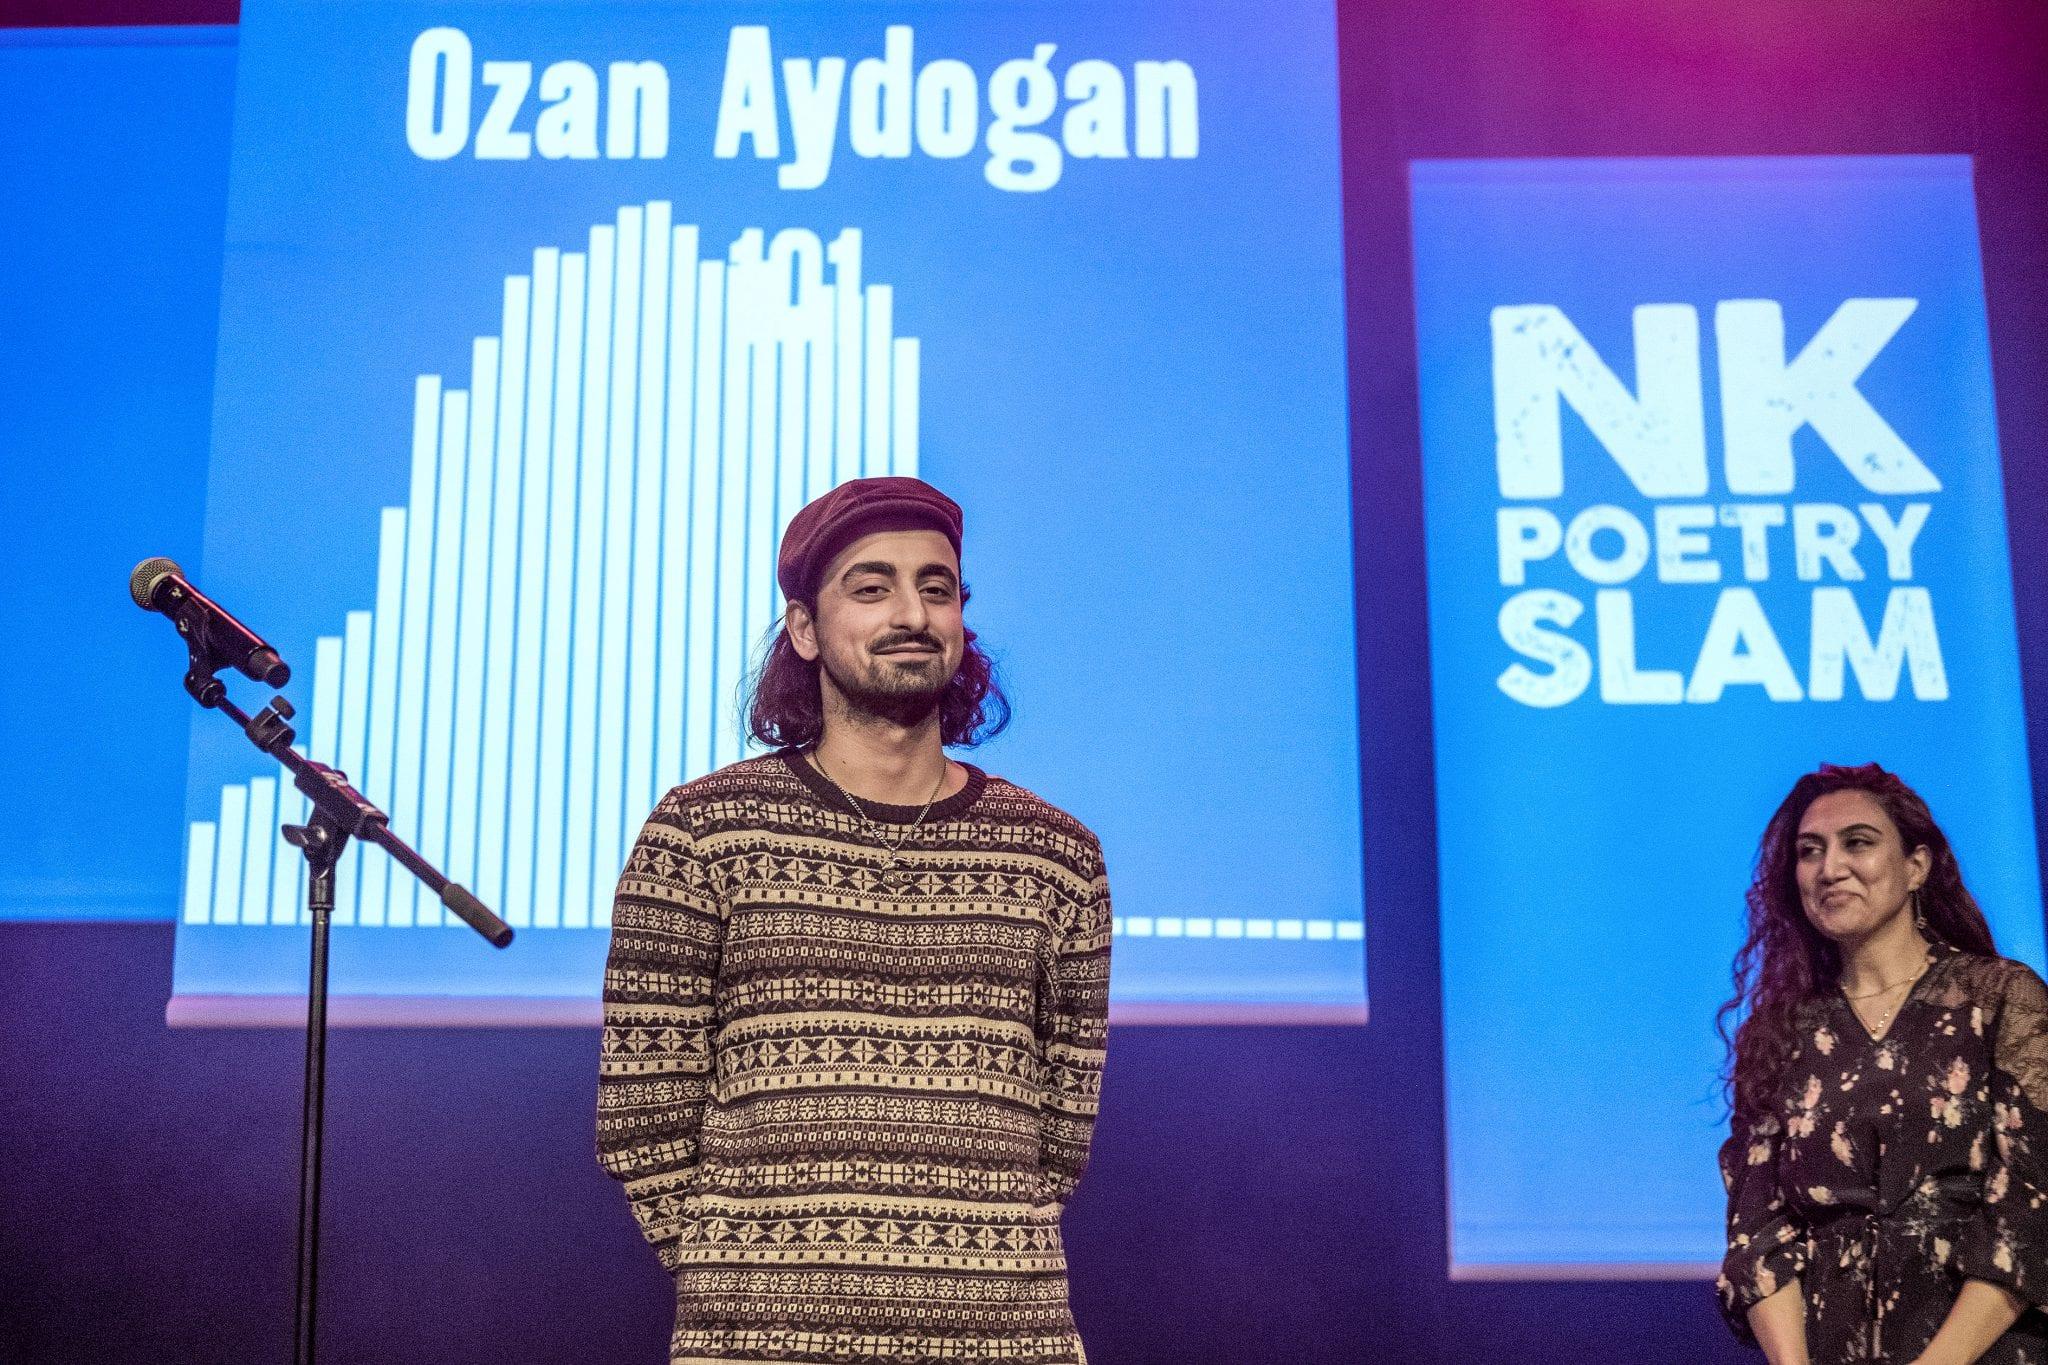 2018: Ozan Aydogan